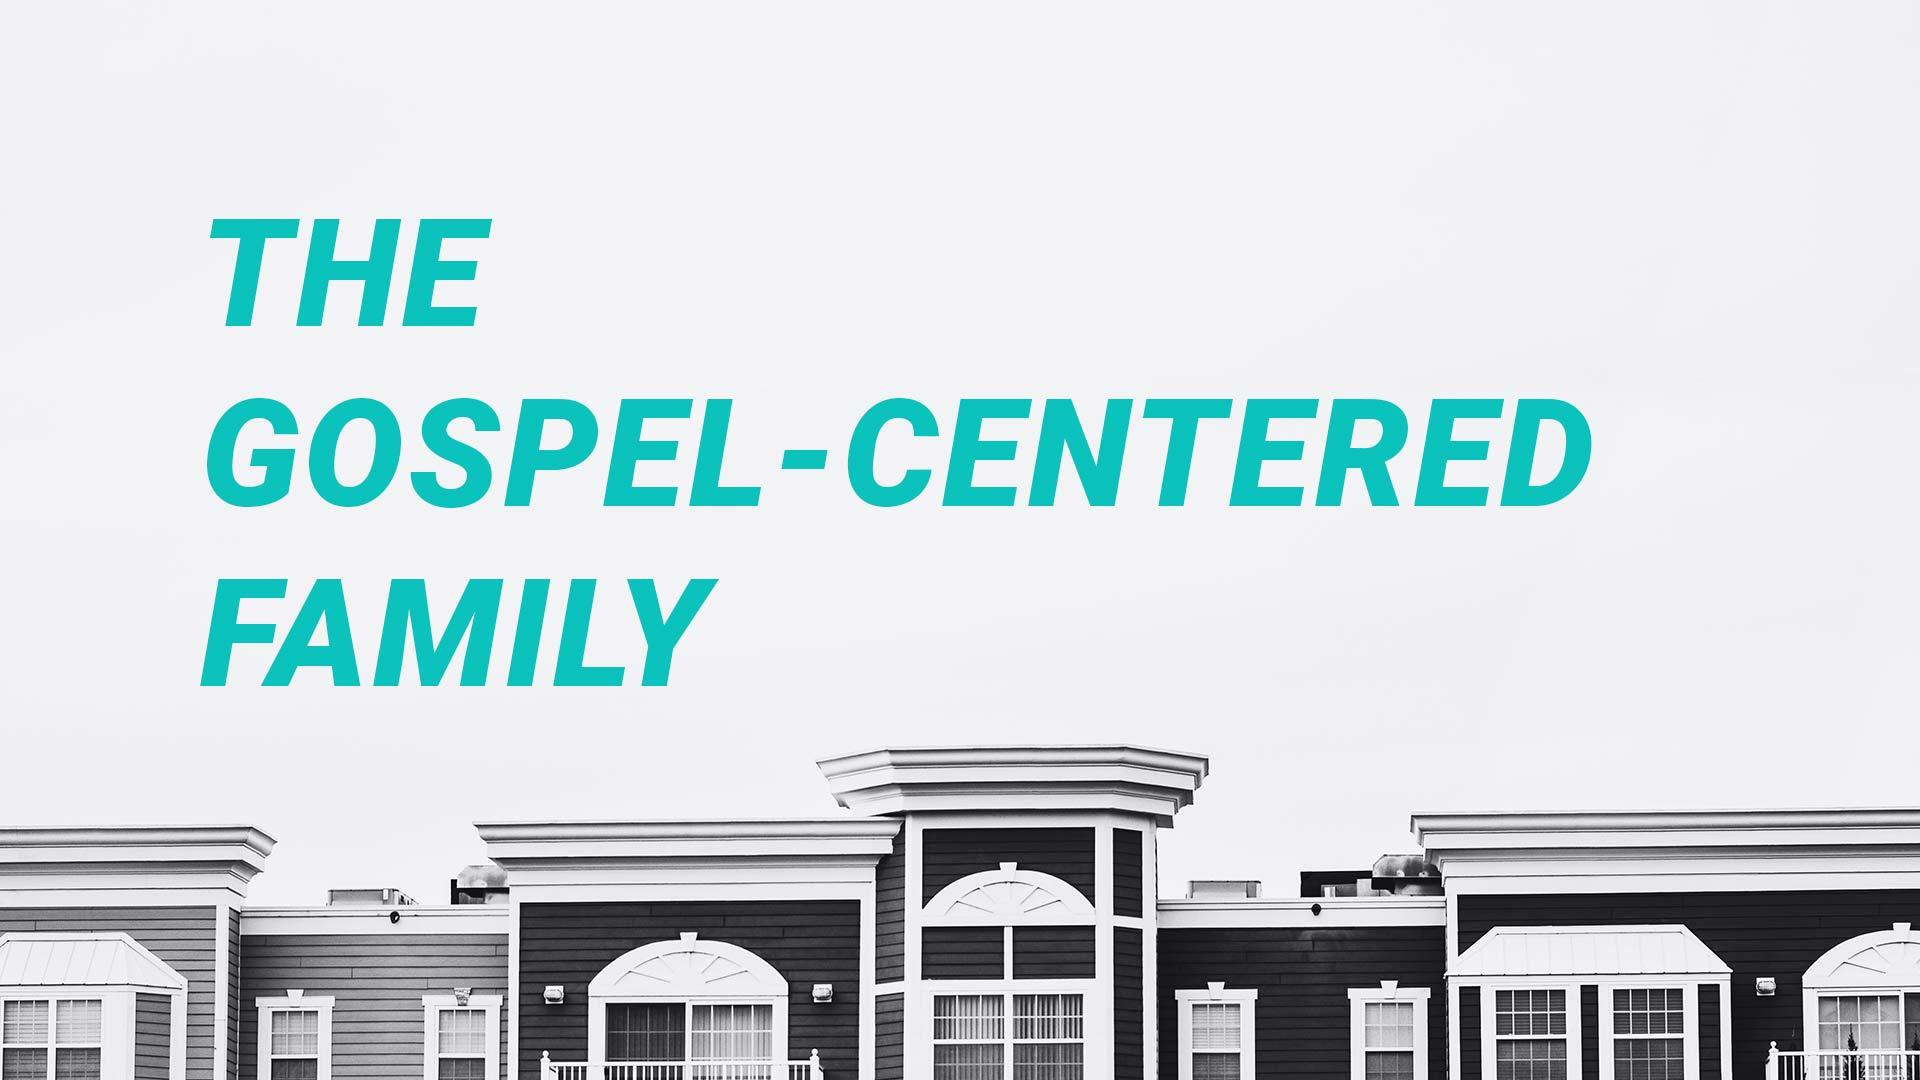 The Gospel-Centered Family (Luke 7:36-50)